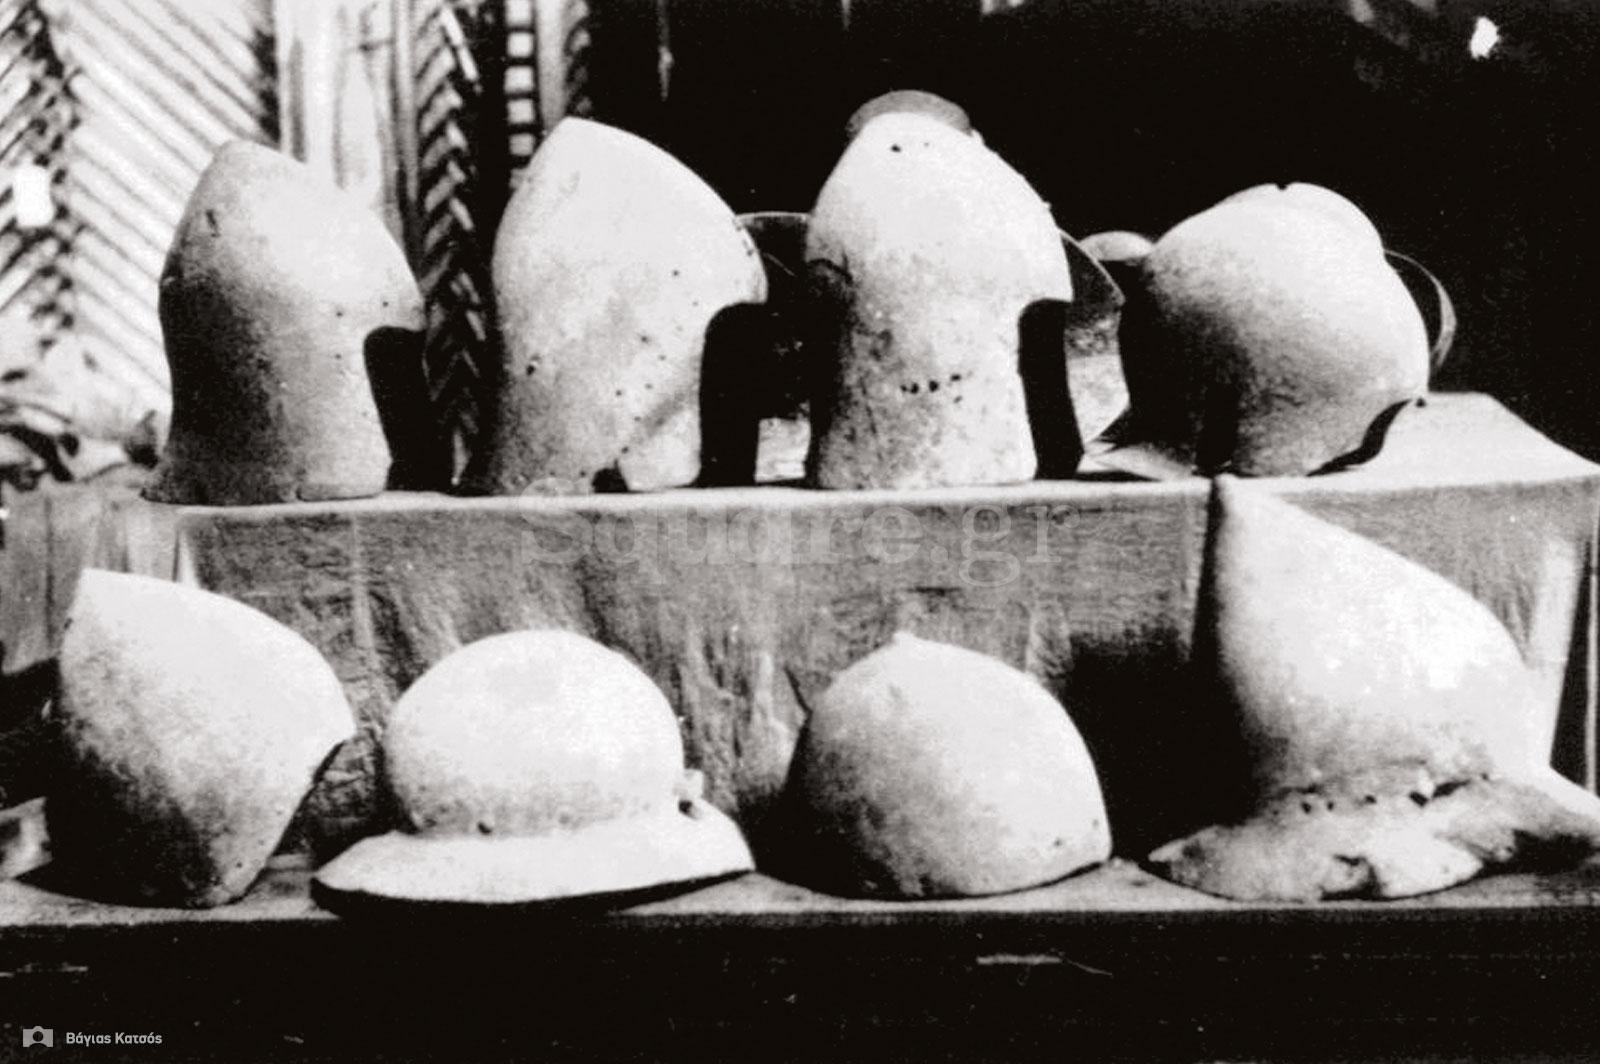 23-Η-ομάδα-των-οκτώ-μεσαιωνικών-κρανών-που-φωτογράφισε-ο-Μπάσφορντ-Ντην-στο-Οθωμανικό-Μουσείο